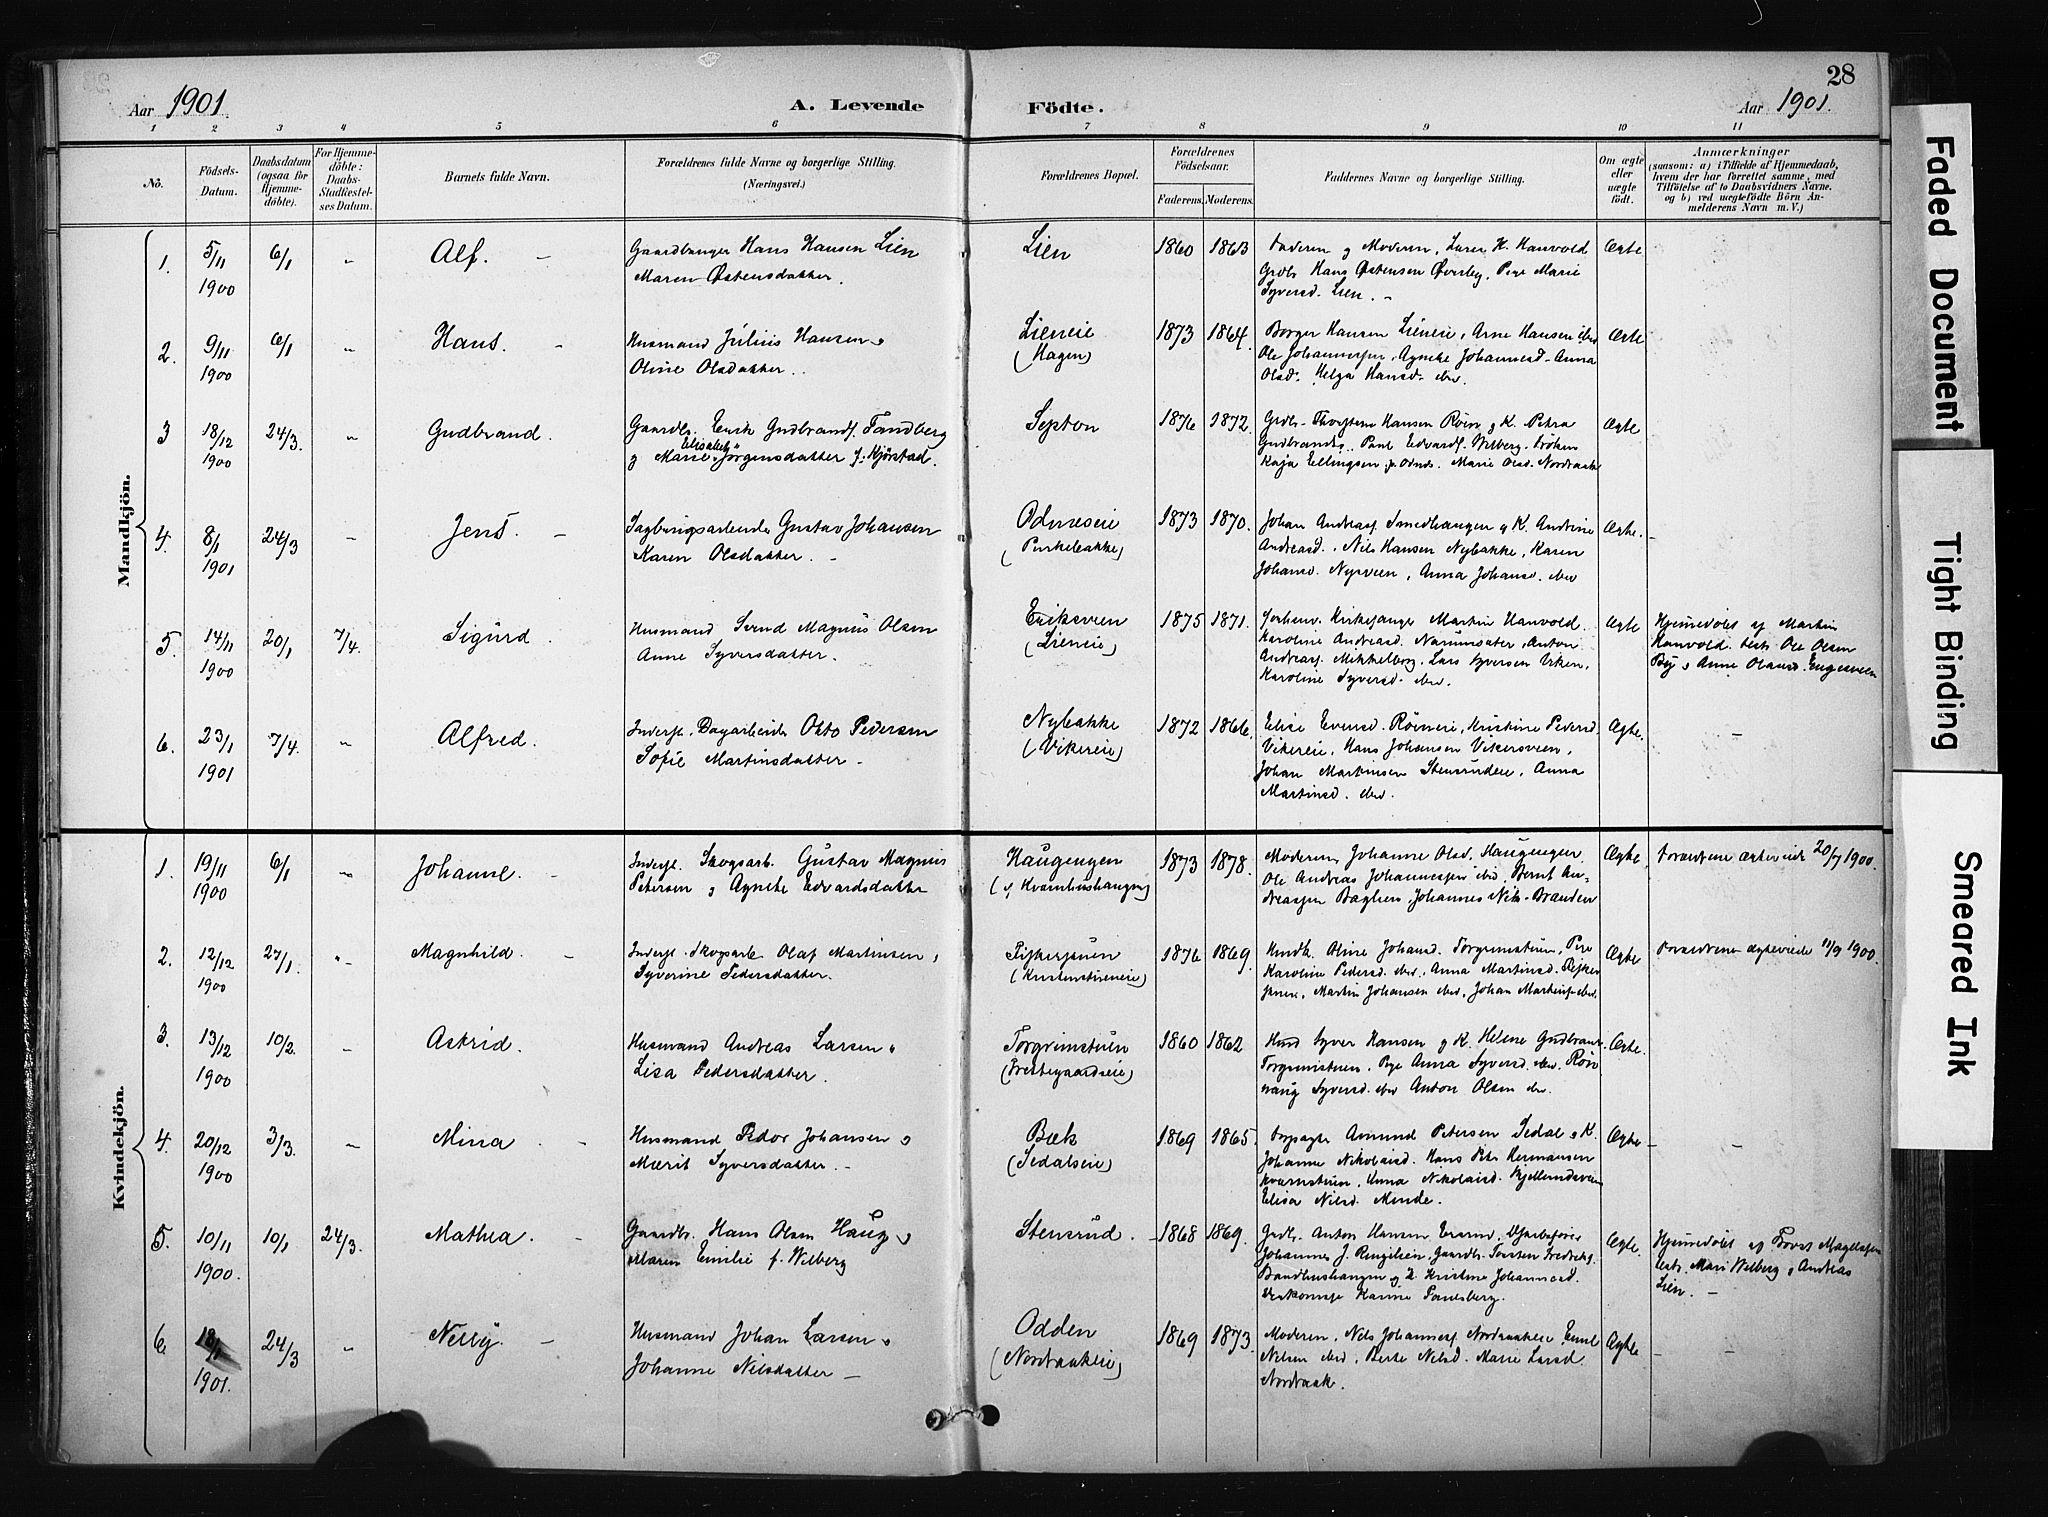 SAH, Søndre Land prestekontor, K/L0004: Ministerialbok nr. 4, 1895-1904, s. 28